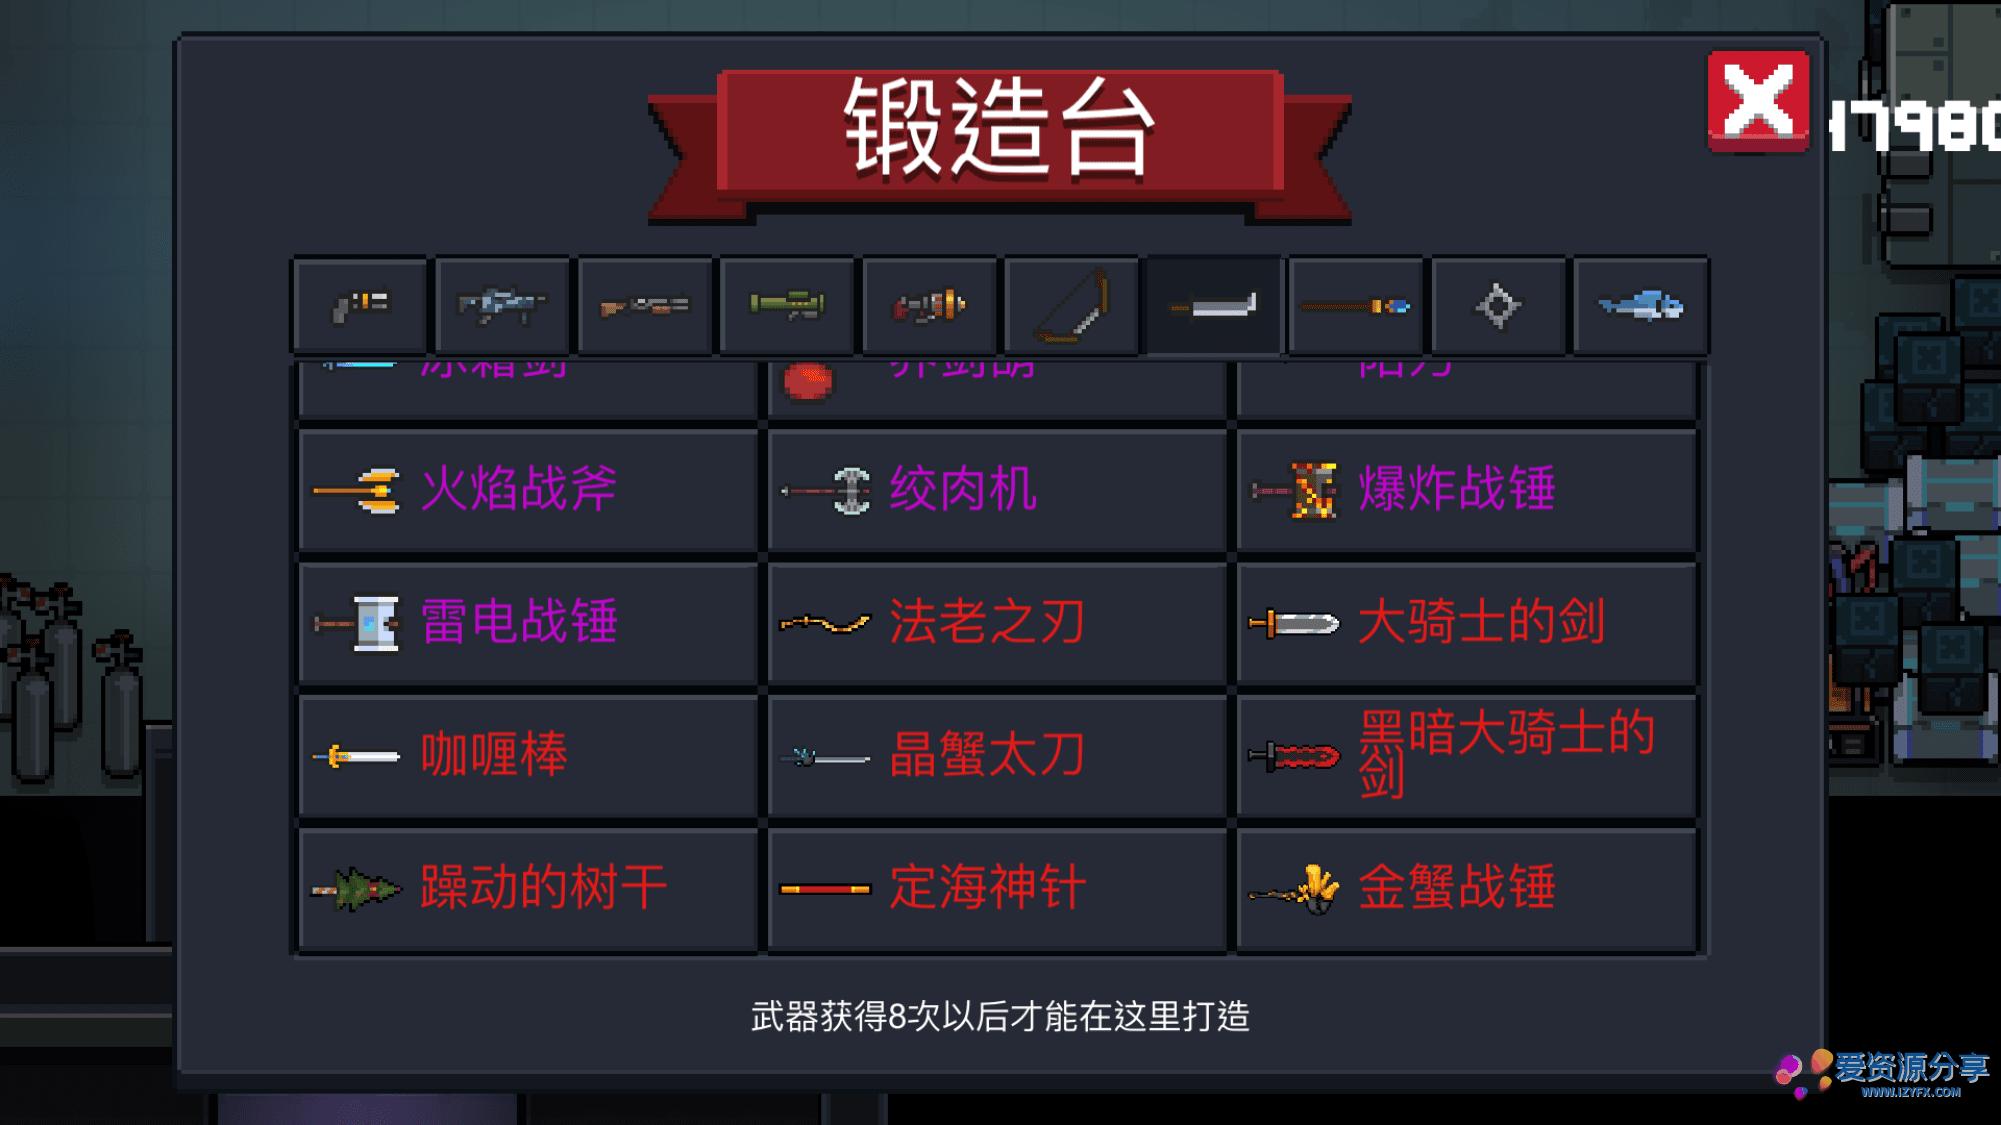 【IOS】元气骑士V2.7.2版最新存档全物资解锁-爱资源分享